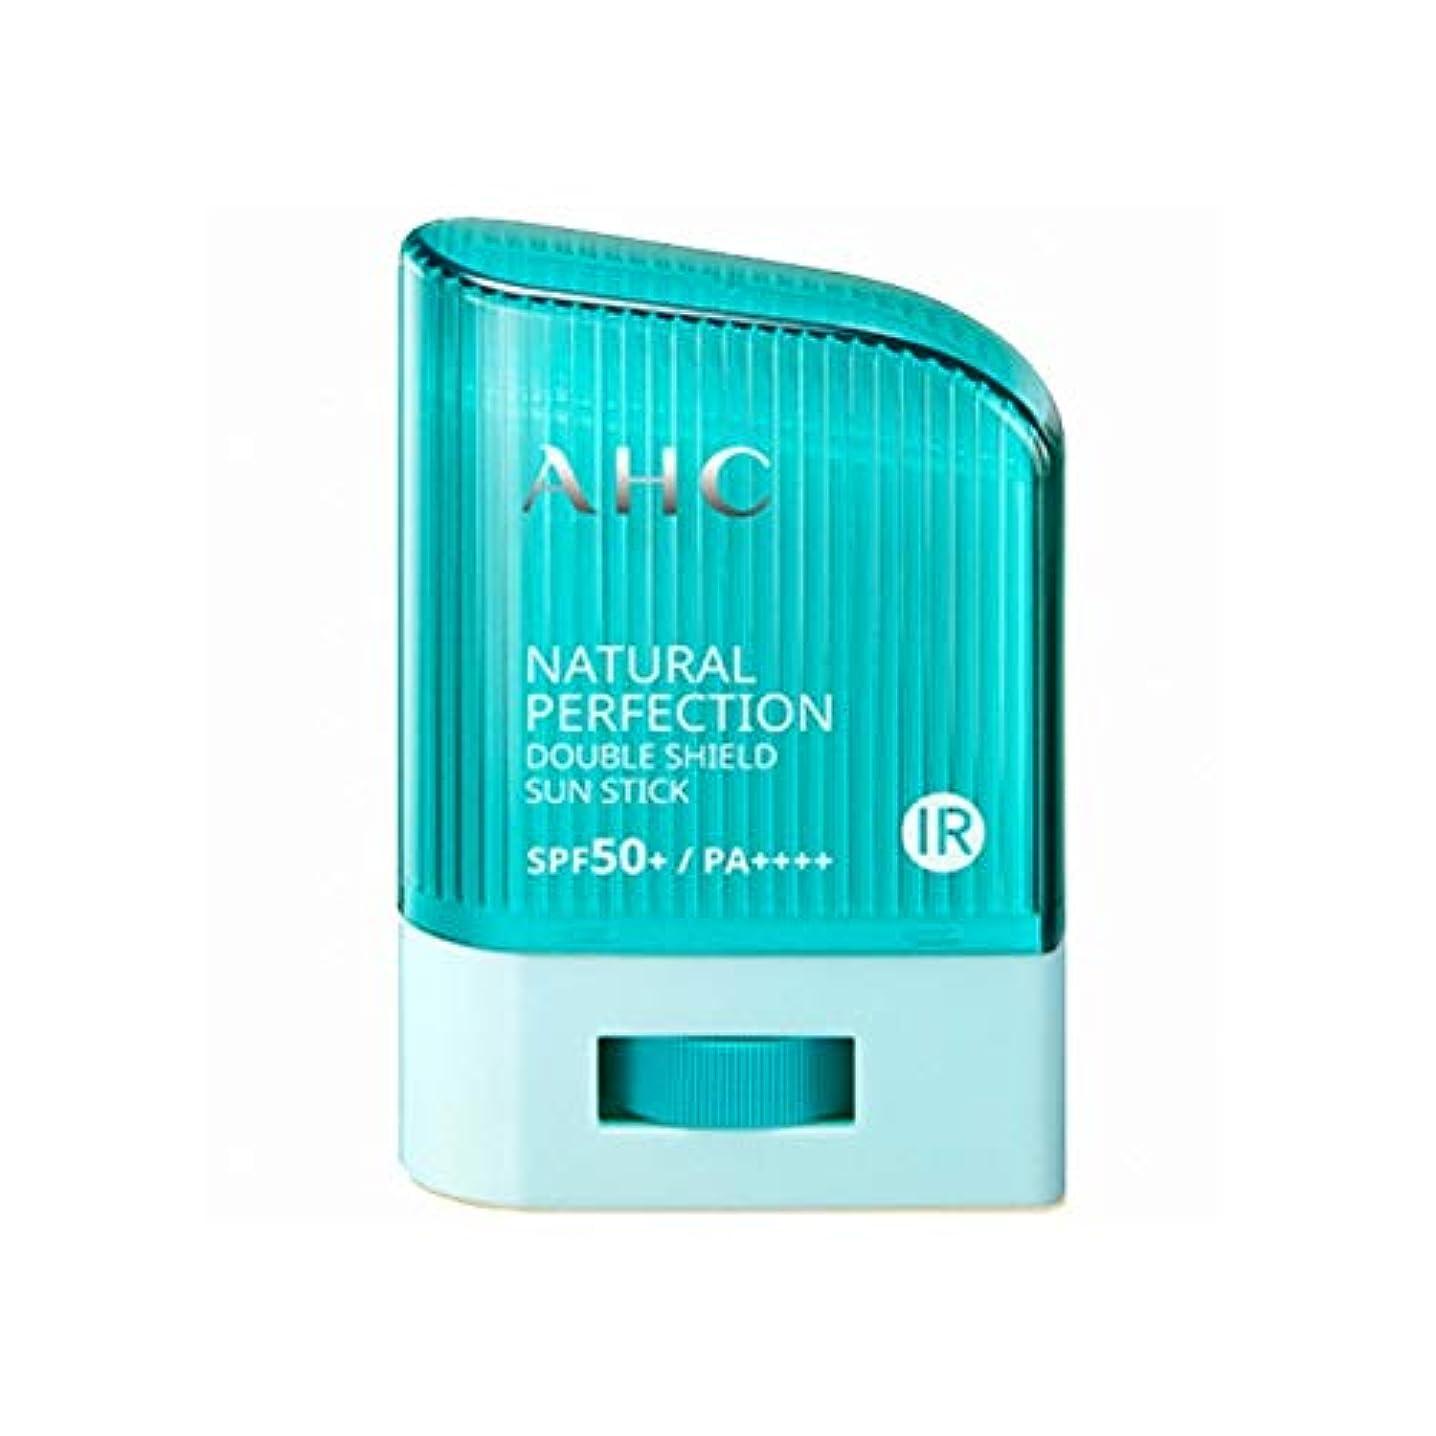 切手雨の海嶺AHC ナチュラルパーフェクションダブルシールドサンスティック 14g, Natural Perfection Double Shield Sun Stick SPF50+ PA++++ A.H.C